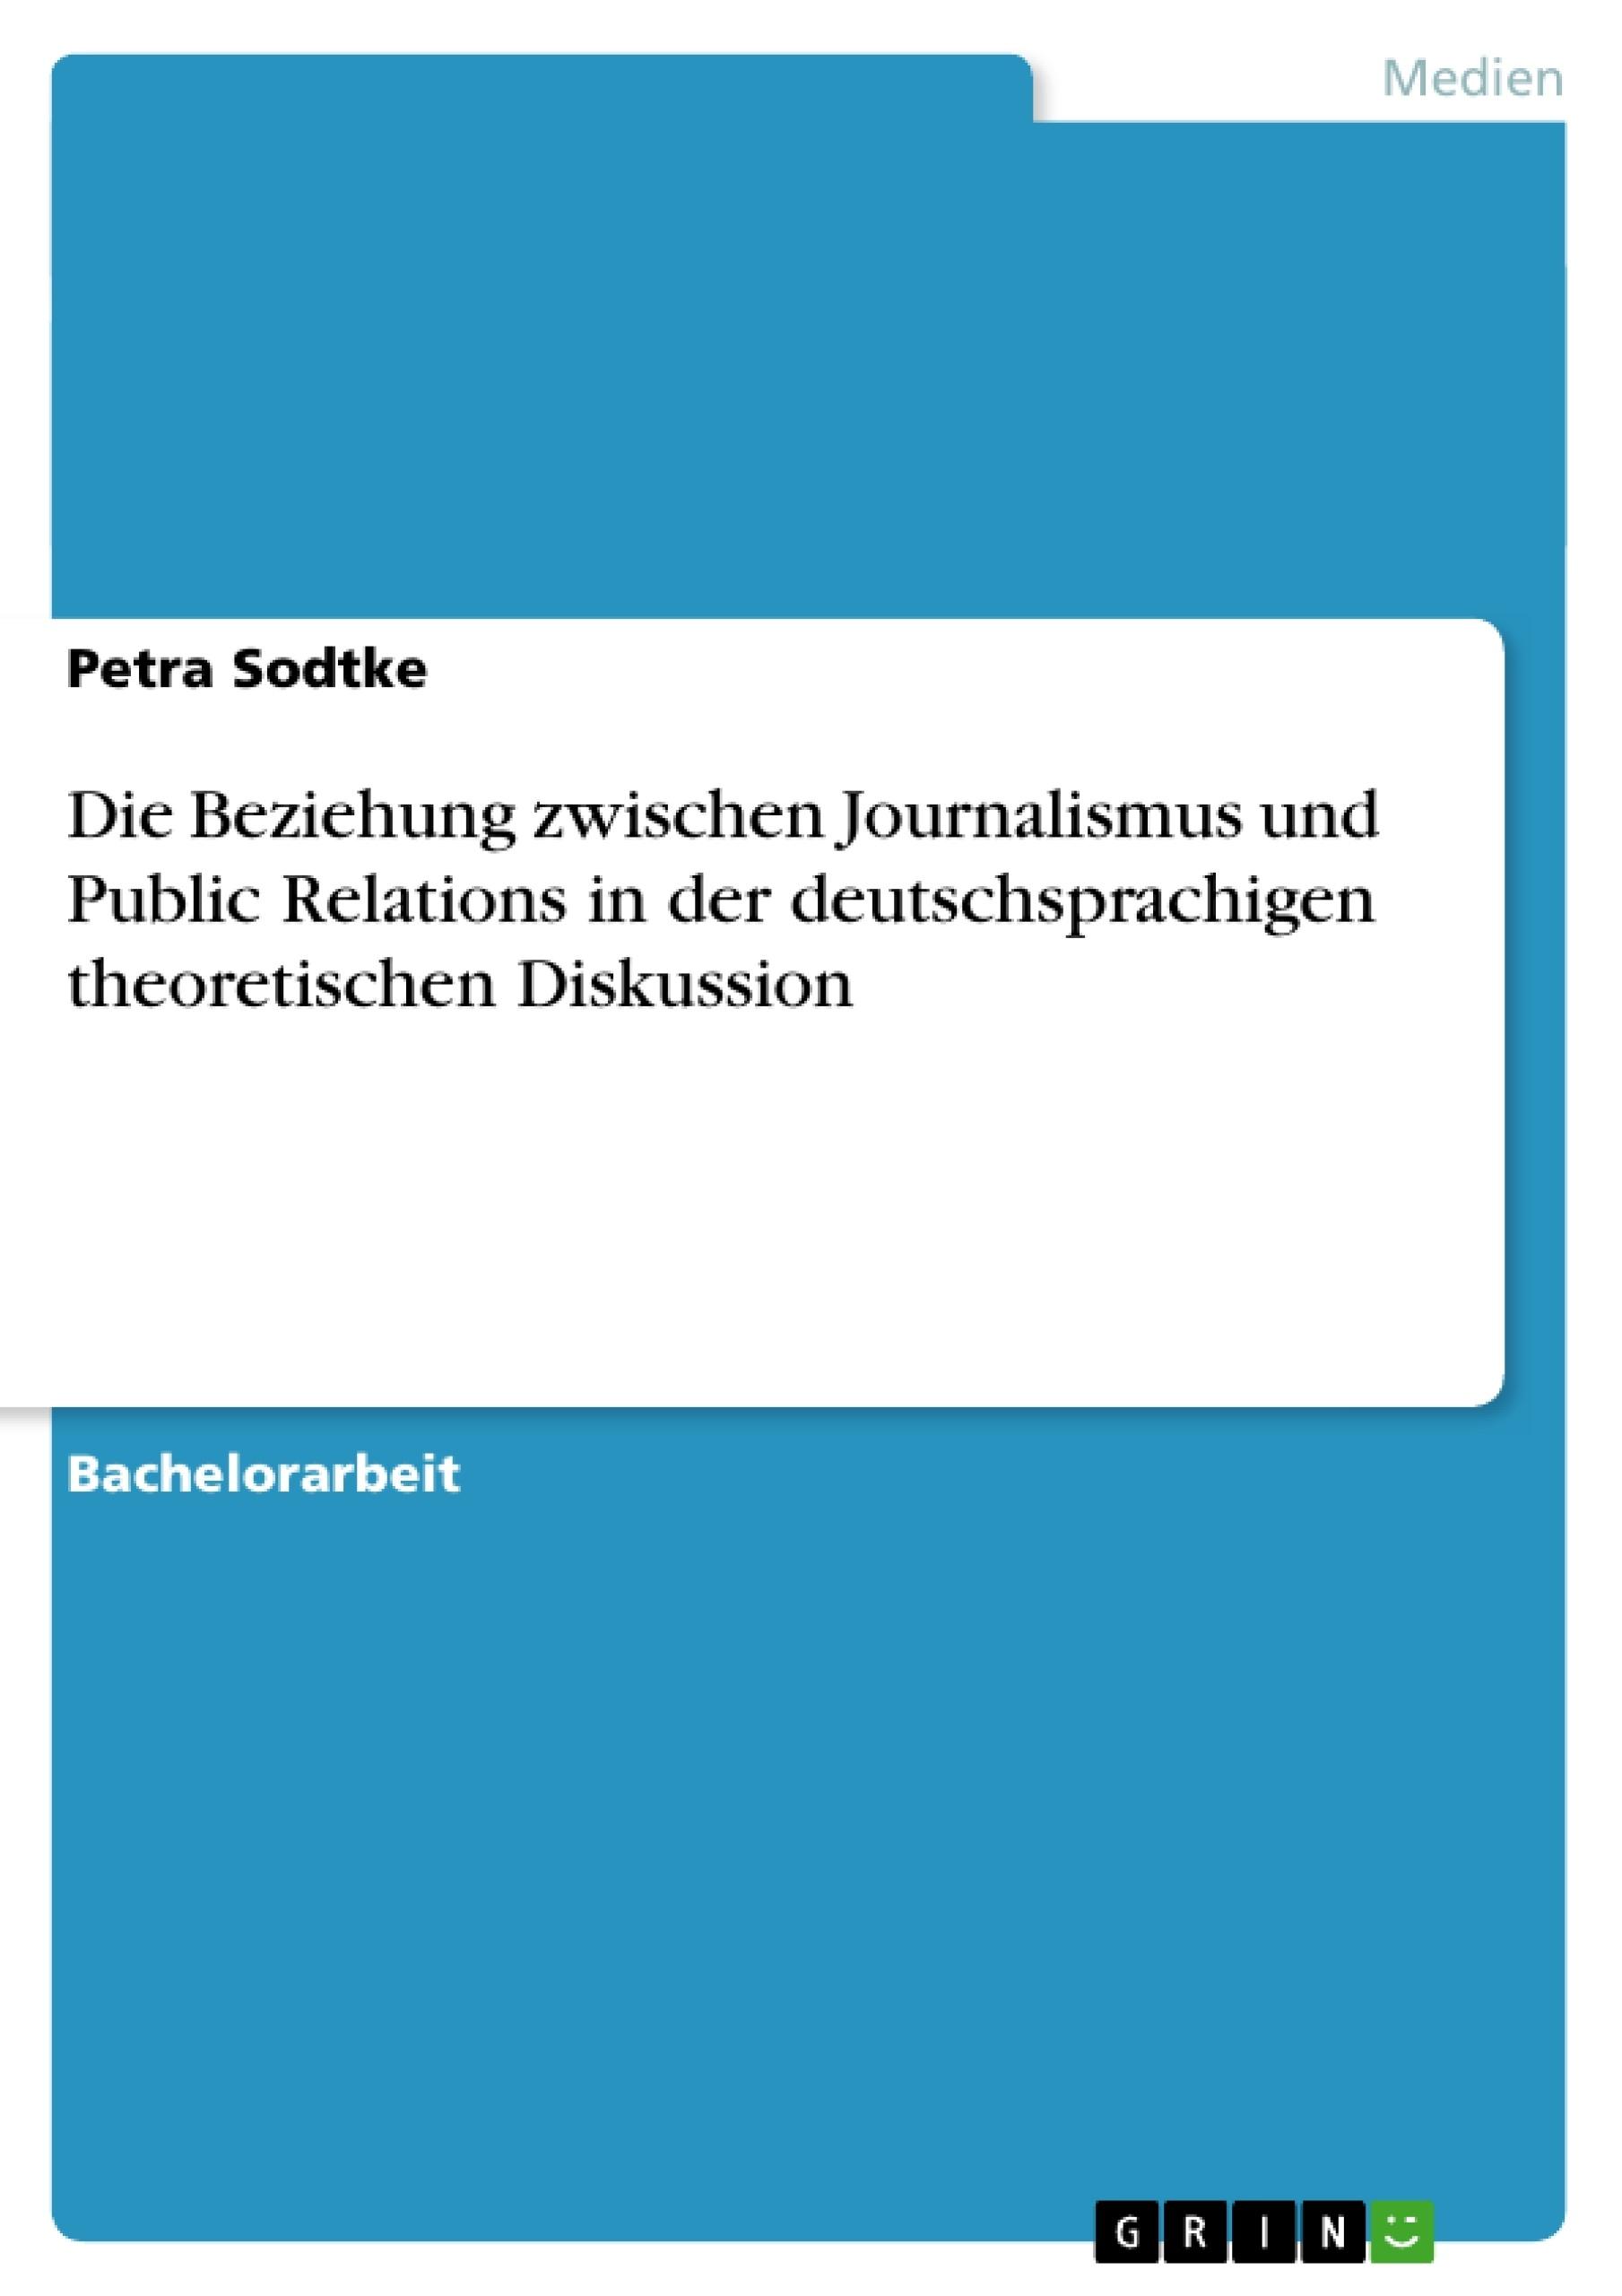 Titel: Die Beziehung zwischen Journalismus und Public Relations in der deutschsprachigen theoretischen Diskussion